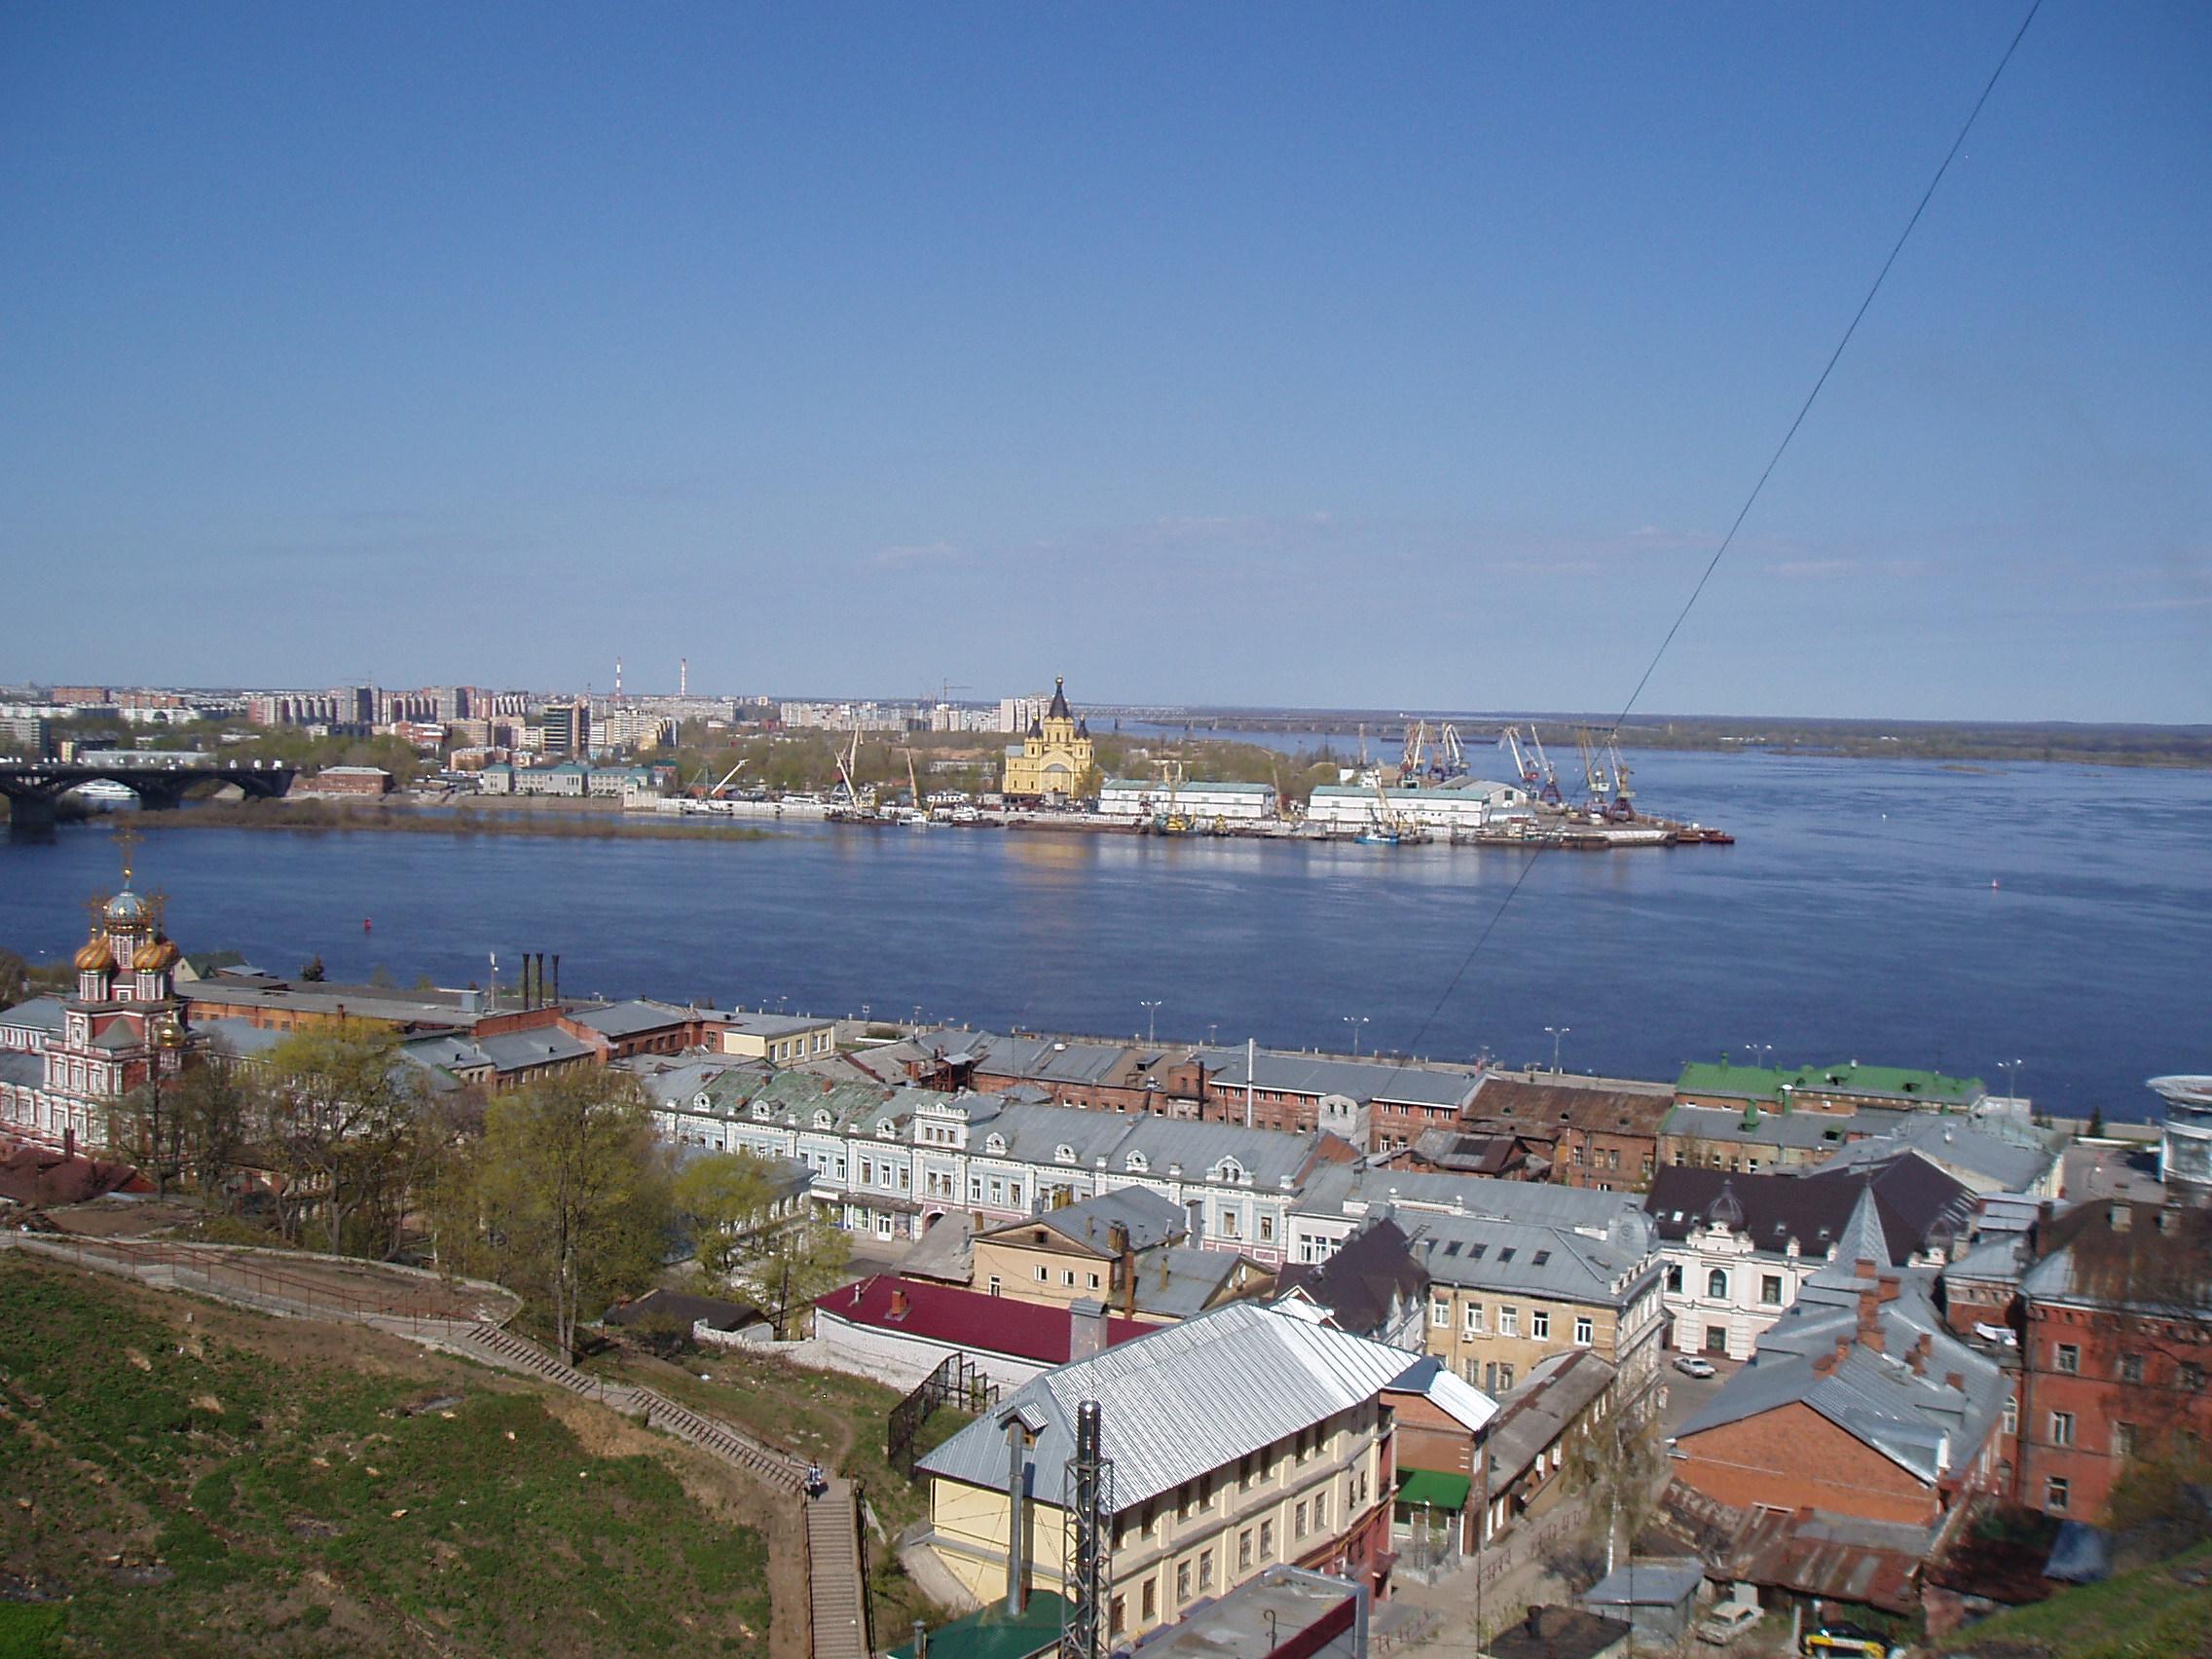 ВНижнем Новгороде выбрали лучшую концепцию развития Стрелки